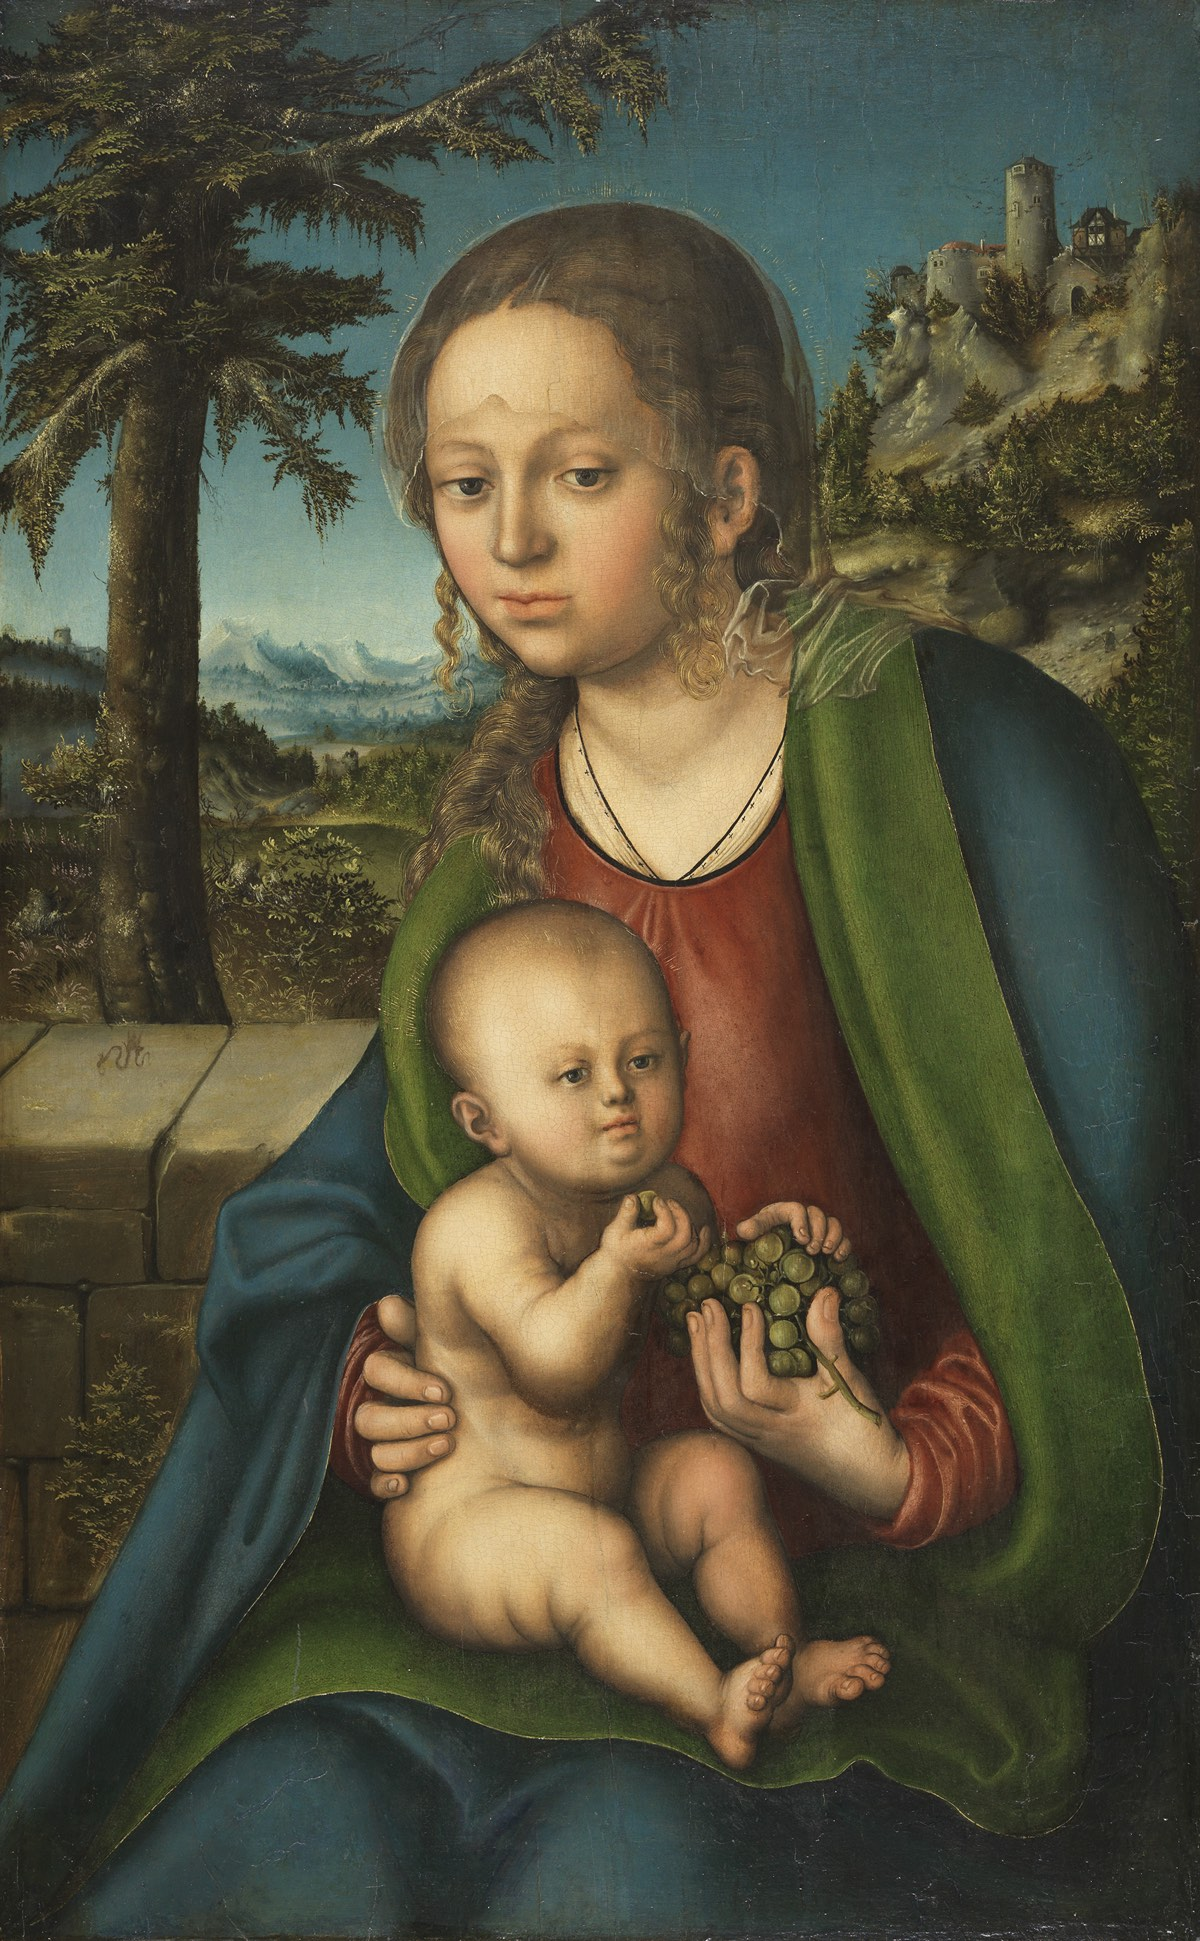 CRANACH, Lucas el Viejo_La Virgen y el Niño con un racimo de uvas_114 (1936.1)